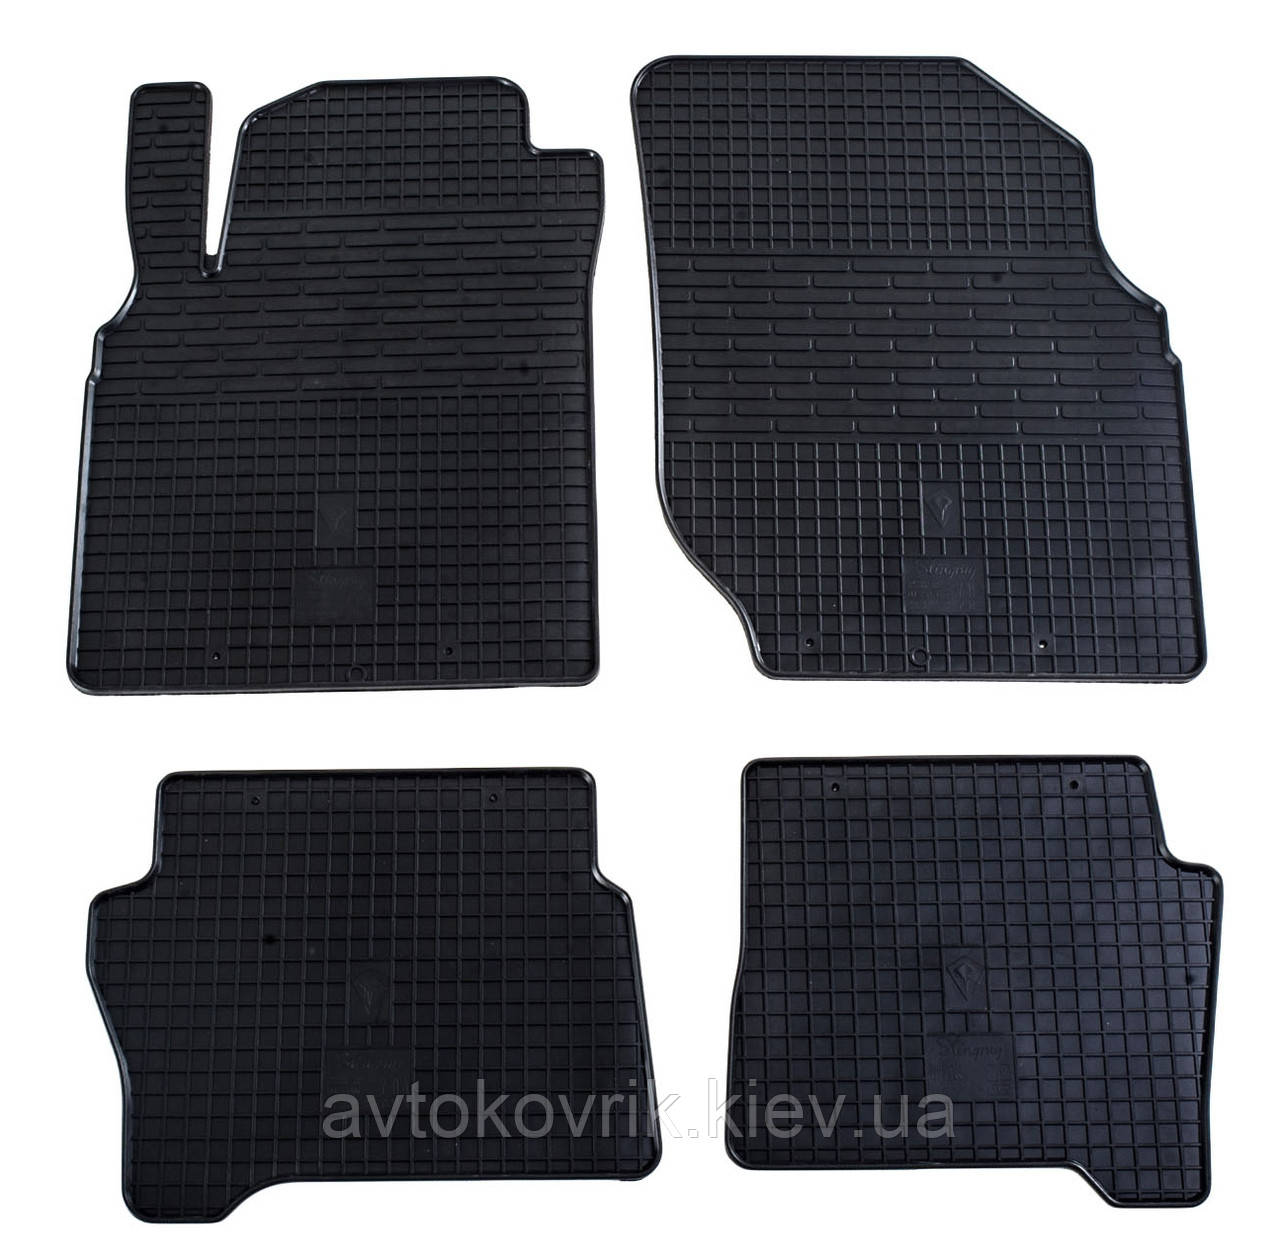 Резиновые коврики в салон Nissan Almera (N16) 2000-2006 (STINGRAY)